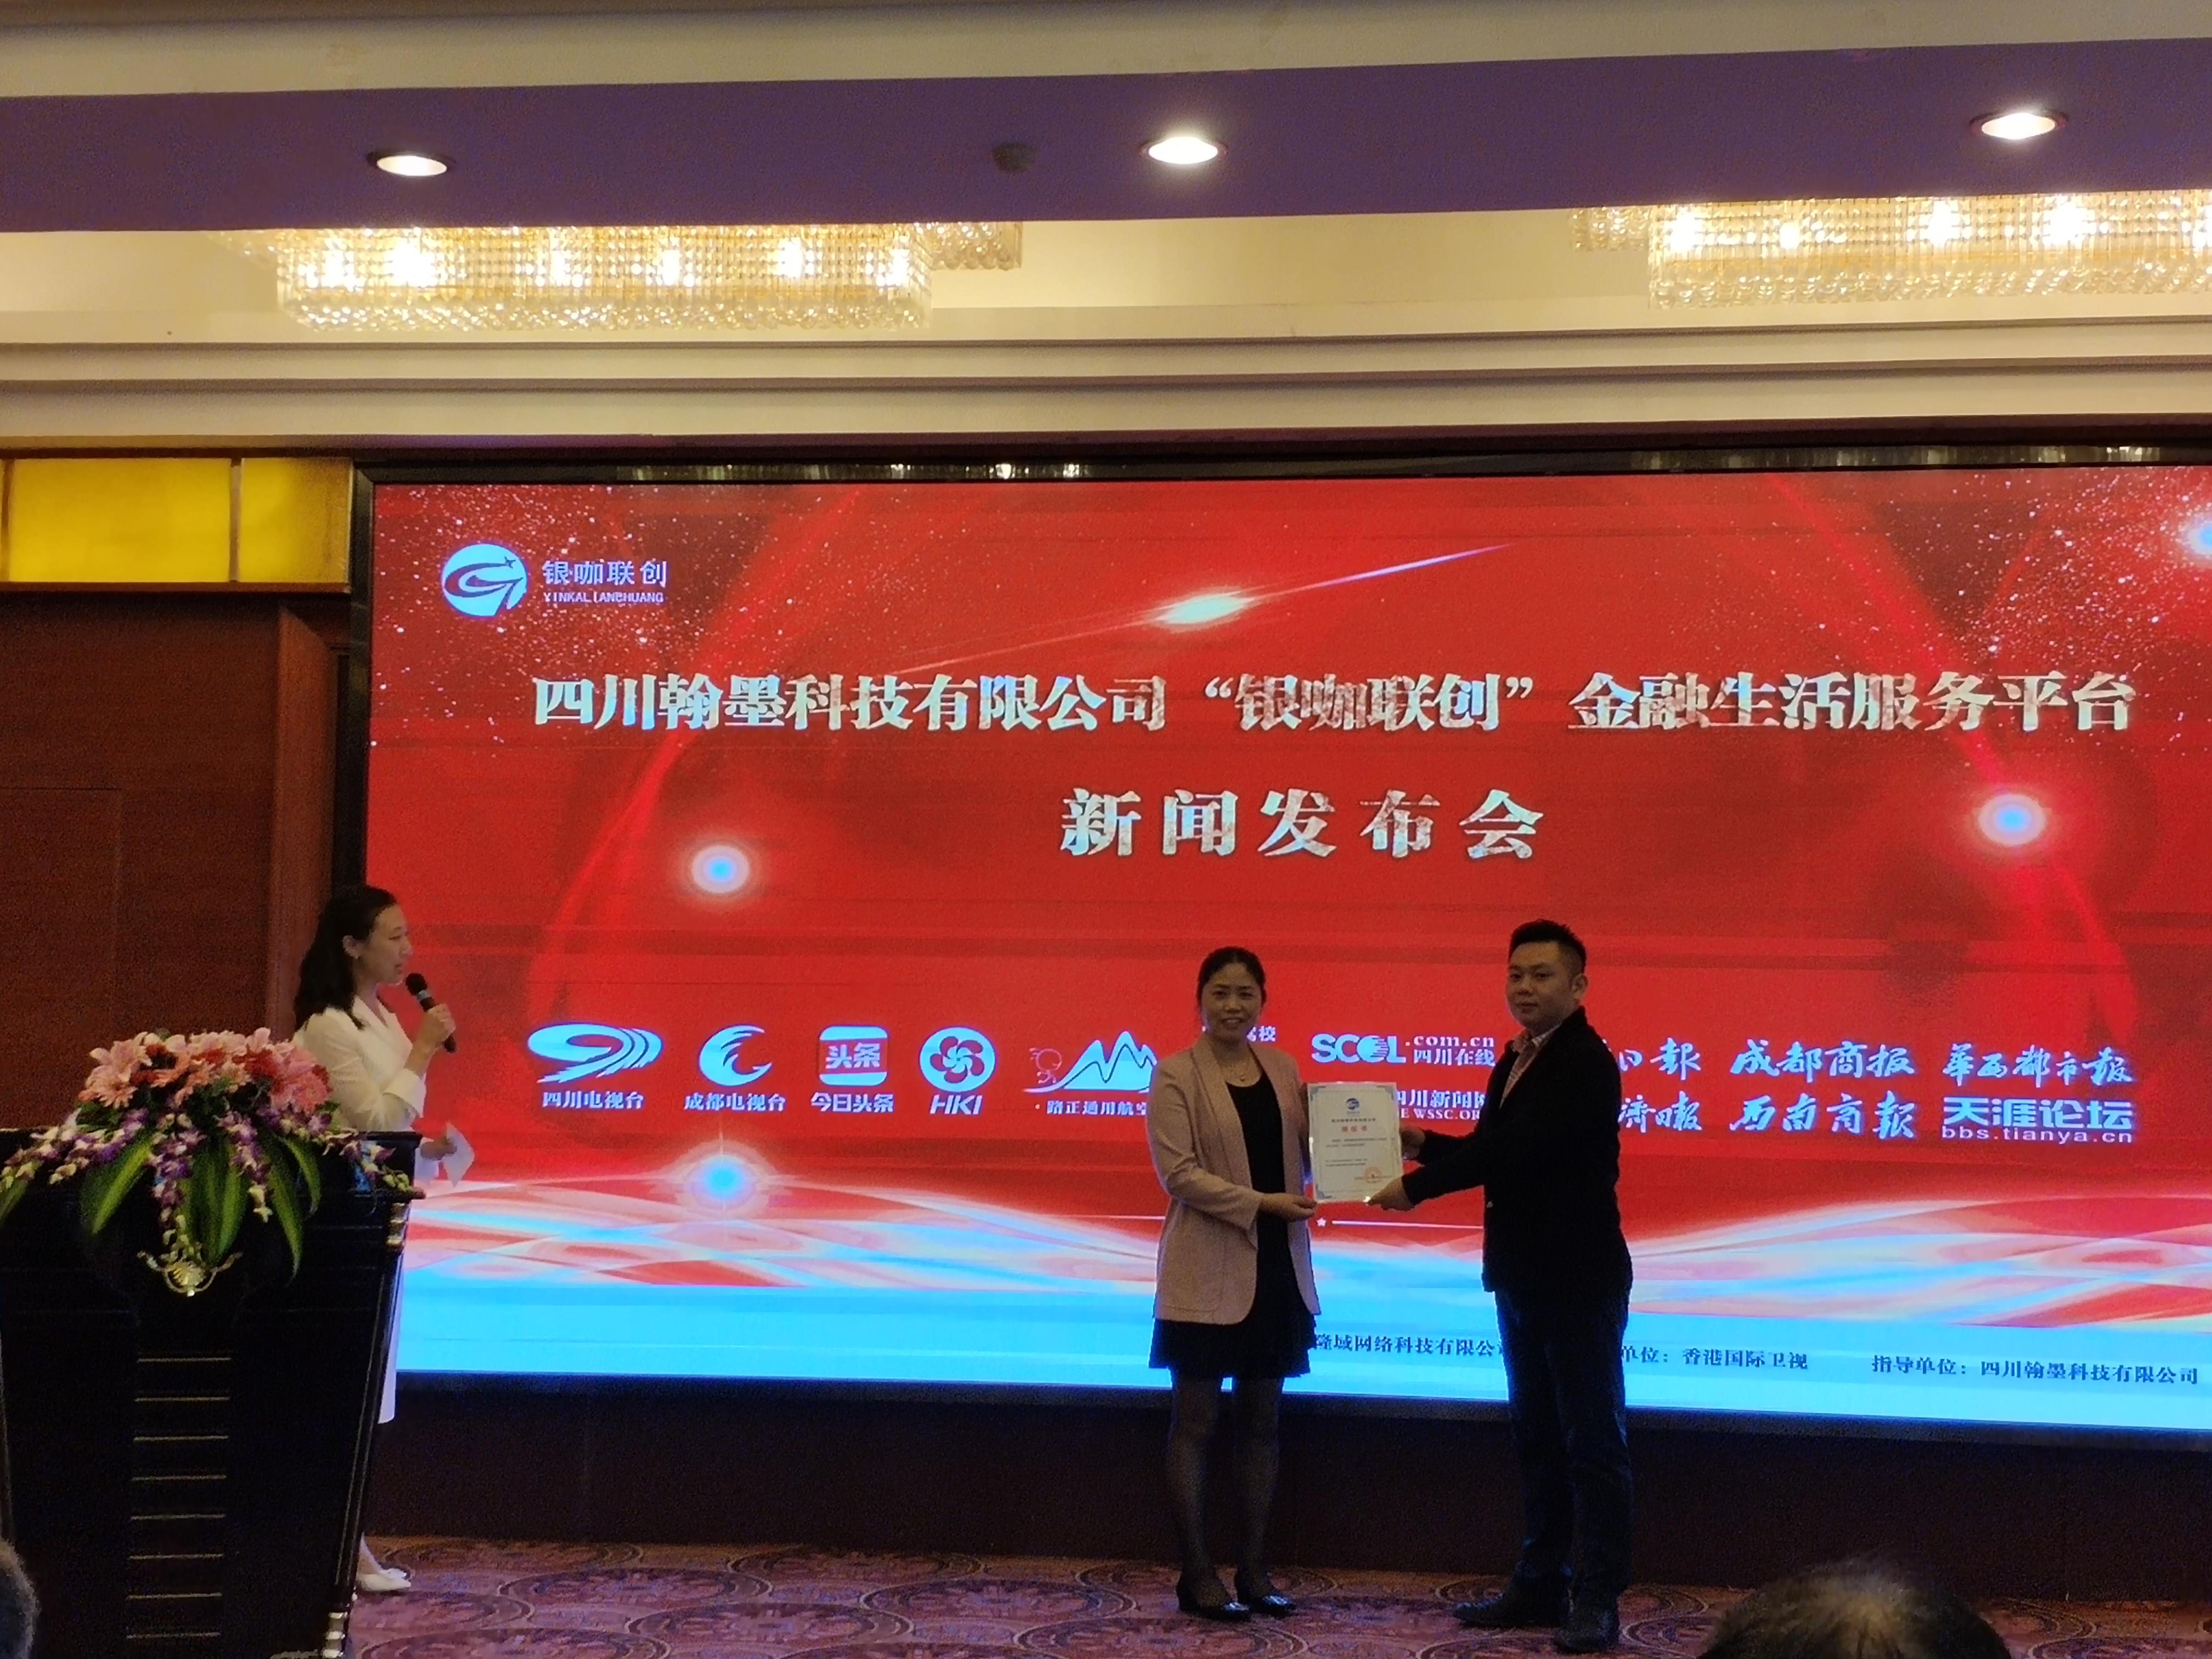 《四川翰墨科技•银咖联创金融生活服务平台》新闻发布会在蓉举行